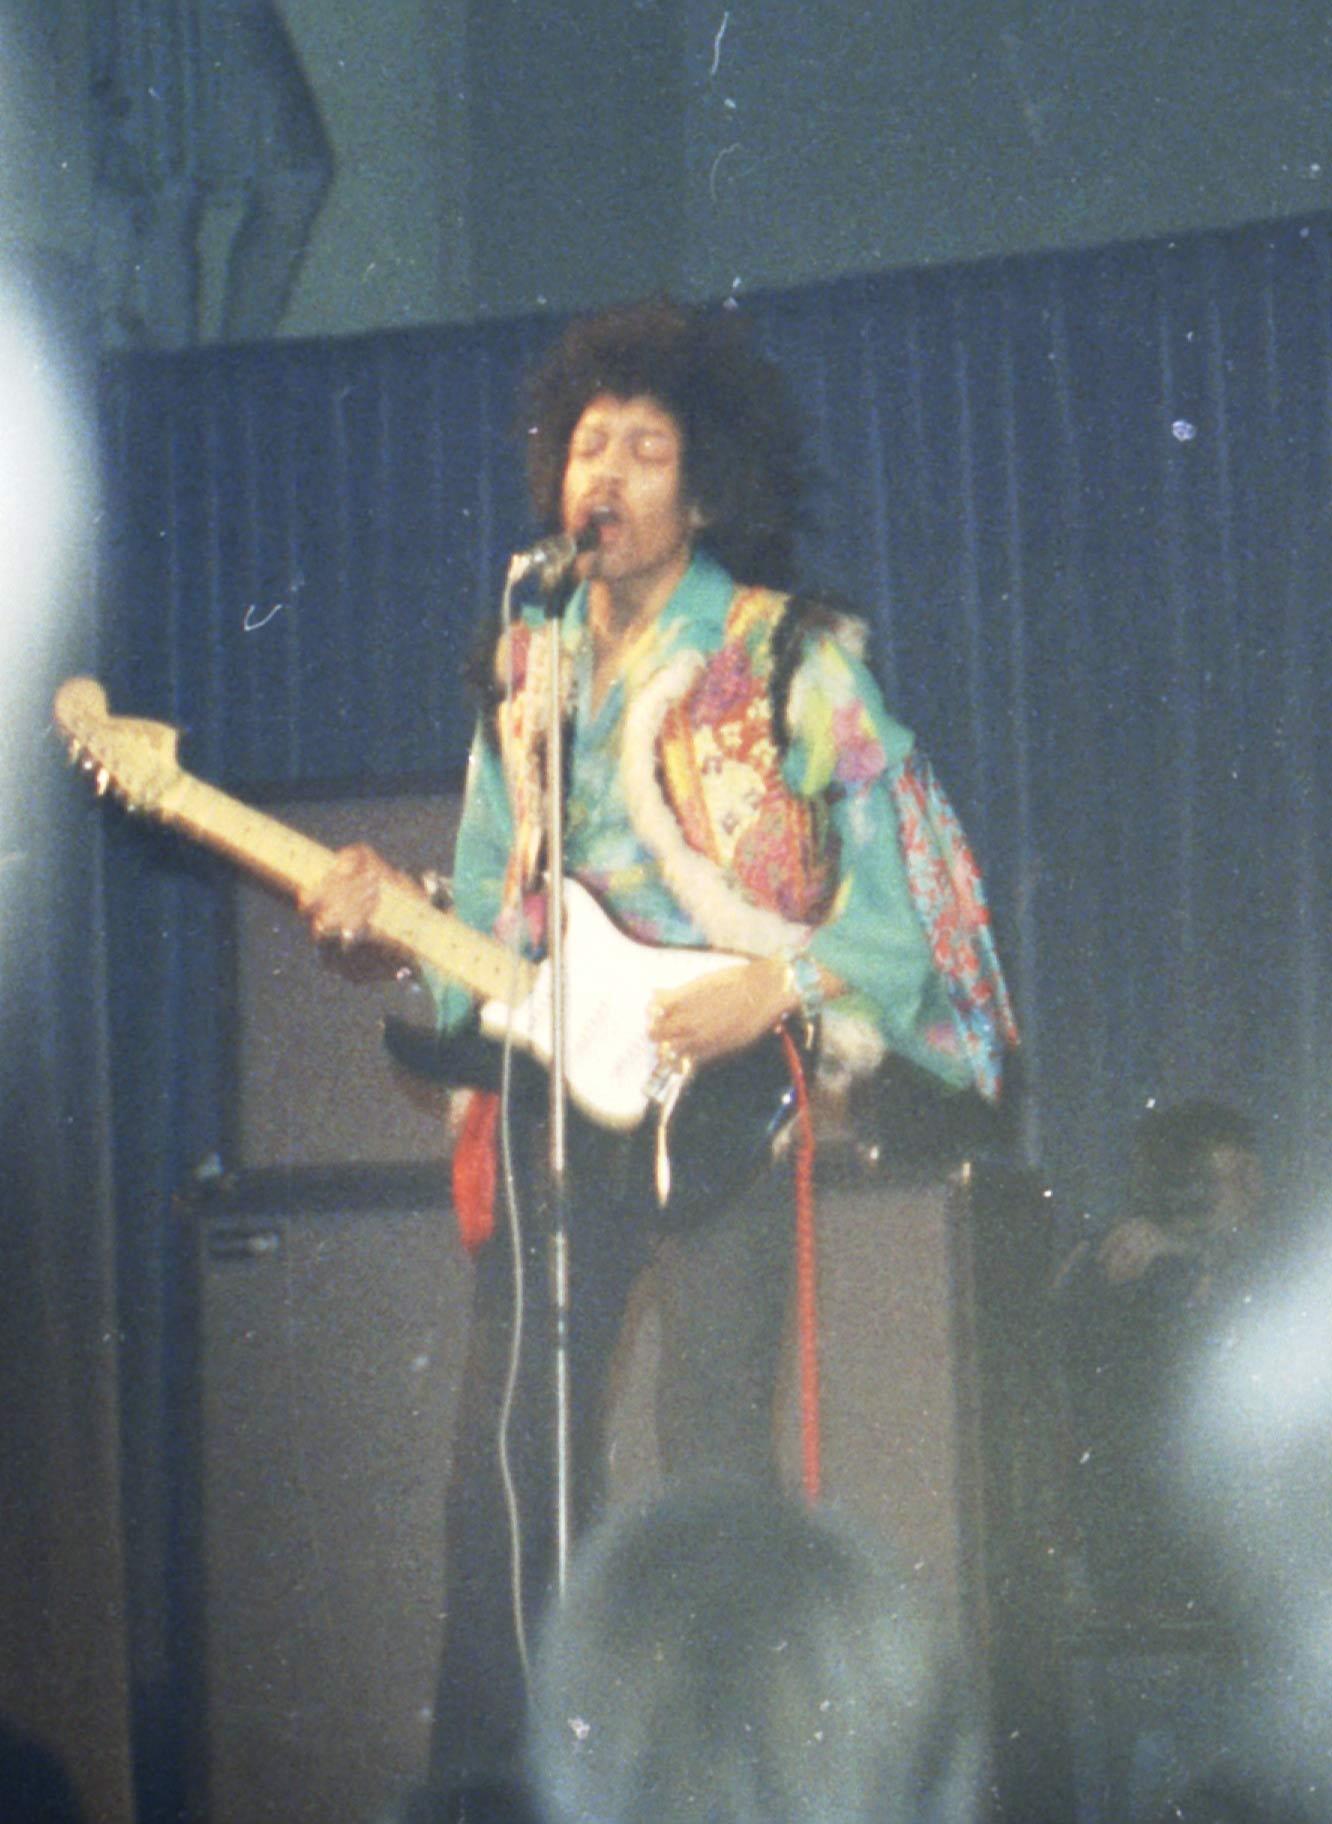 Stockholm (Konserthuset) : 9 janvier 1969 [Second concert]  03e3383c5ed742ff5938b066236ed926